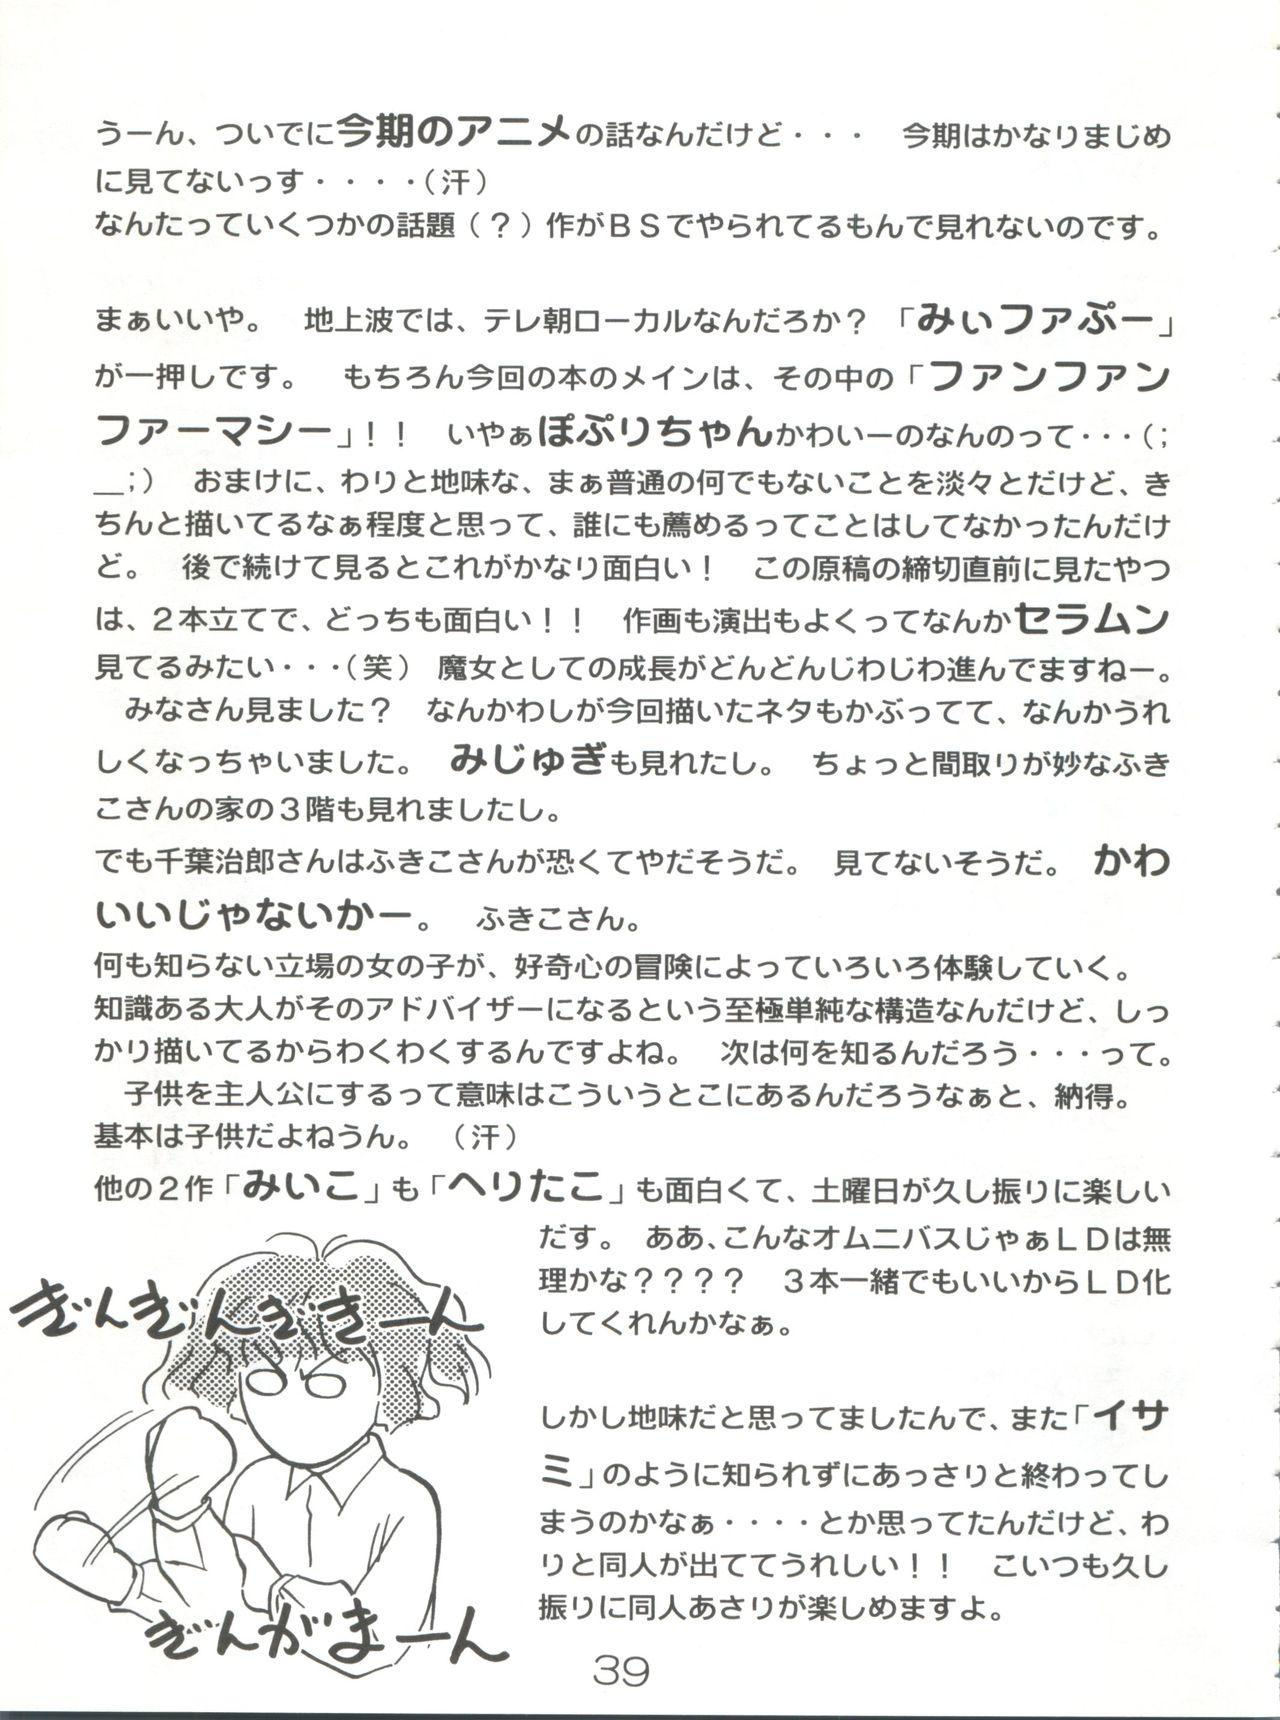 Mahou no Okusuri 37